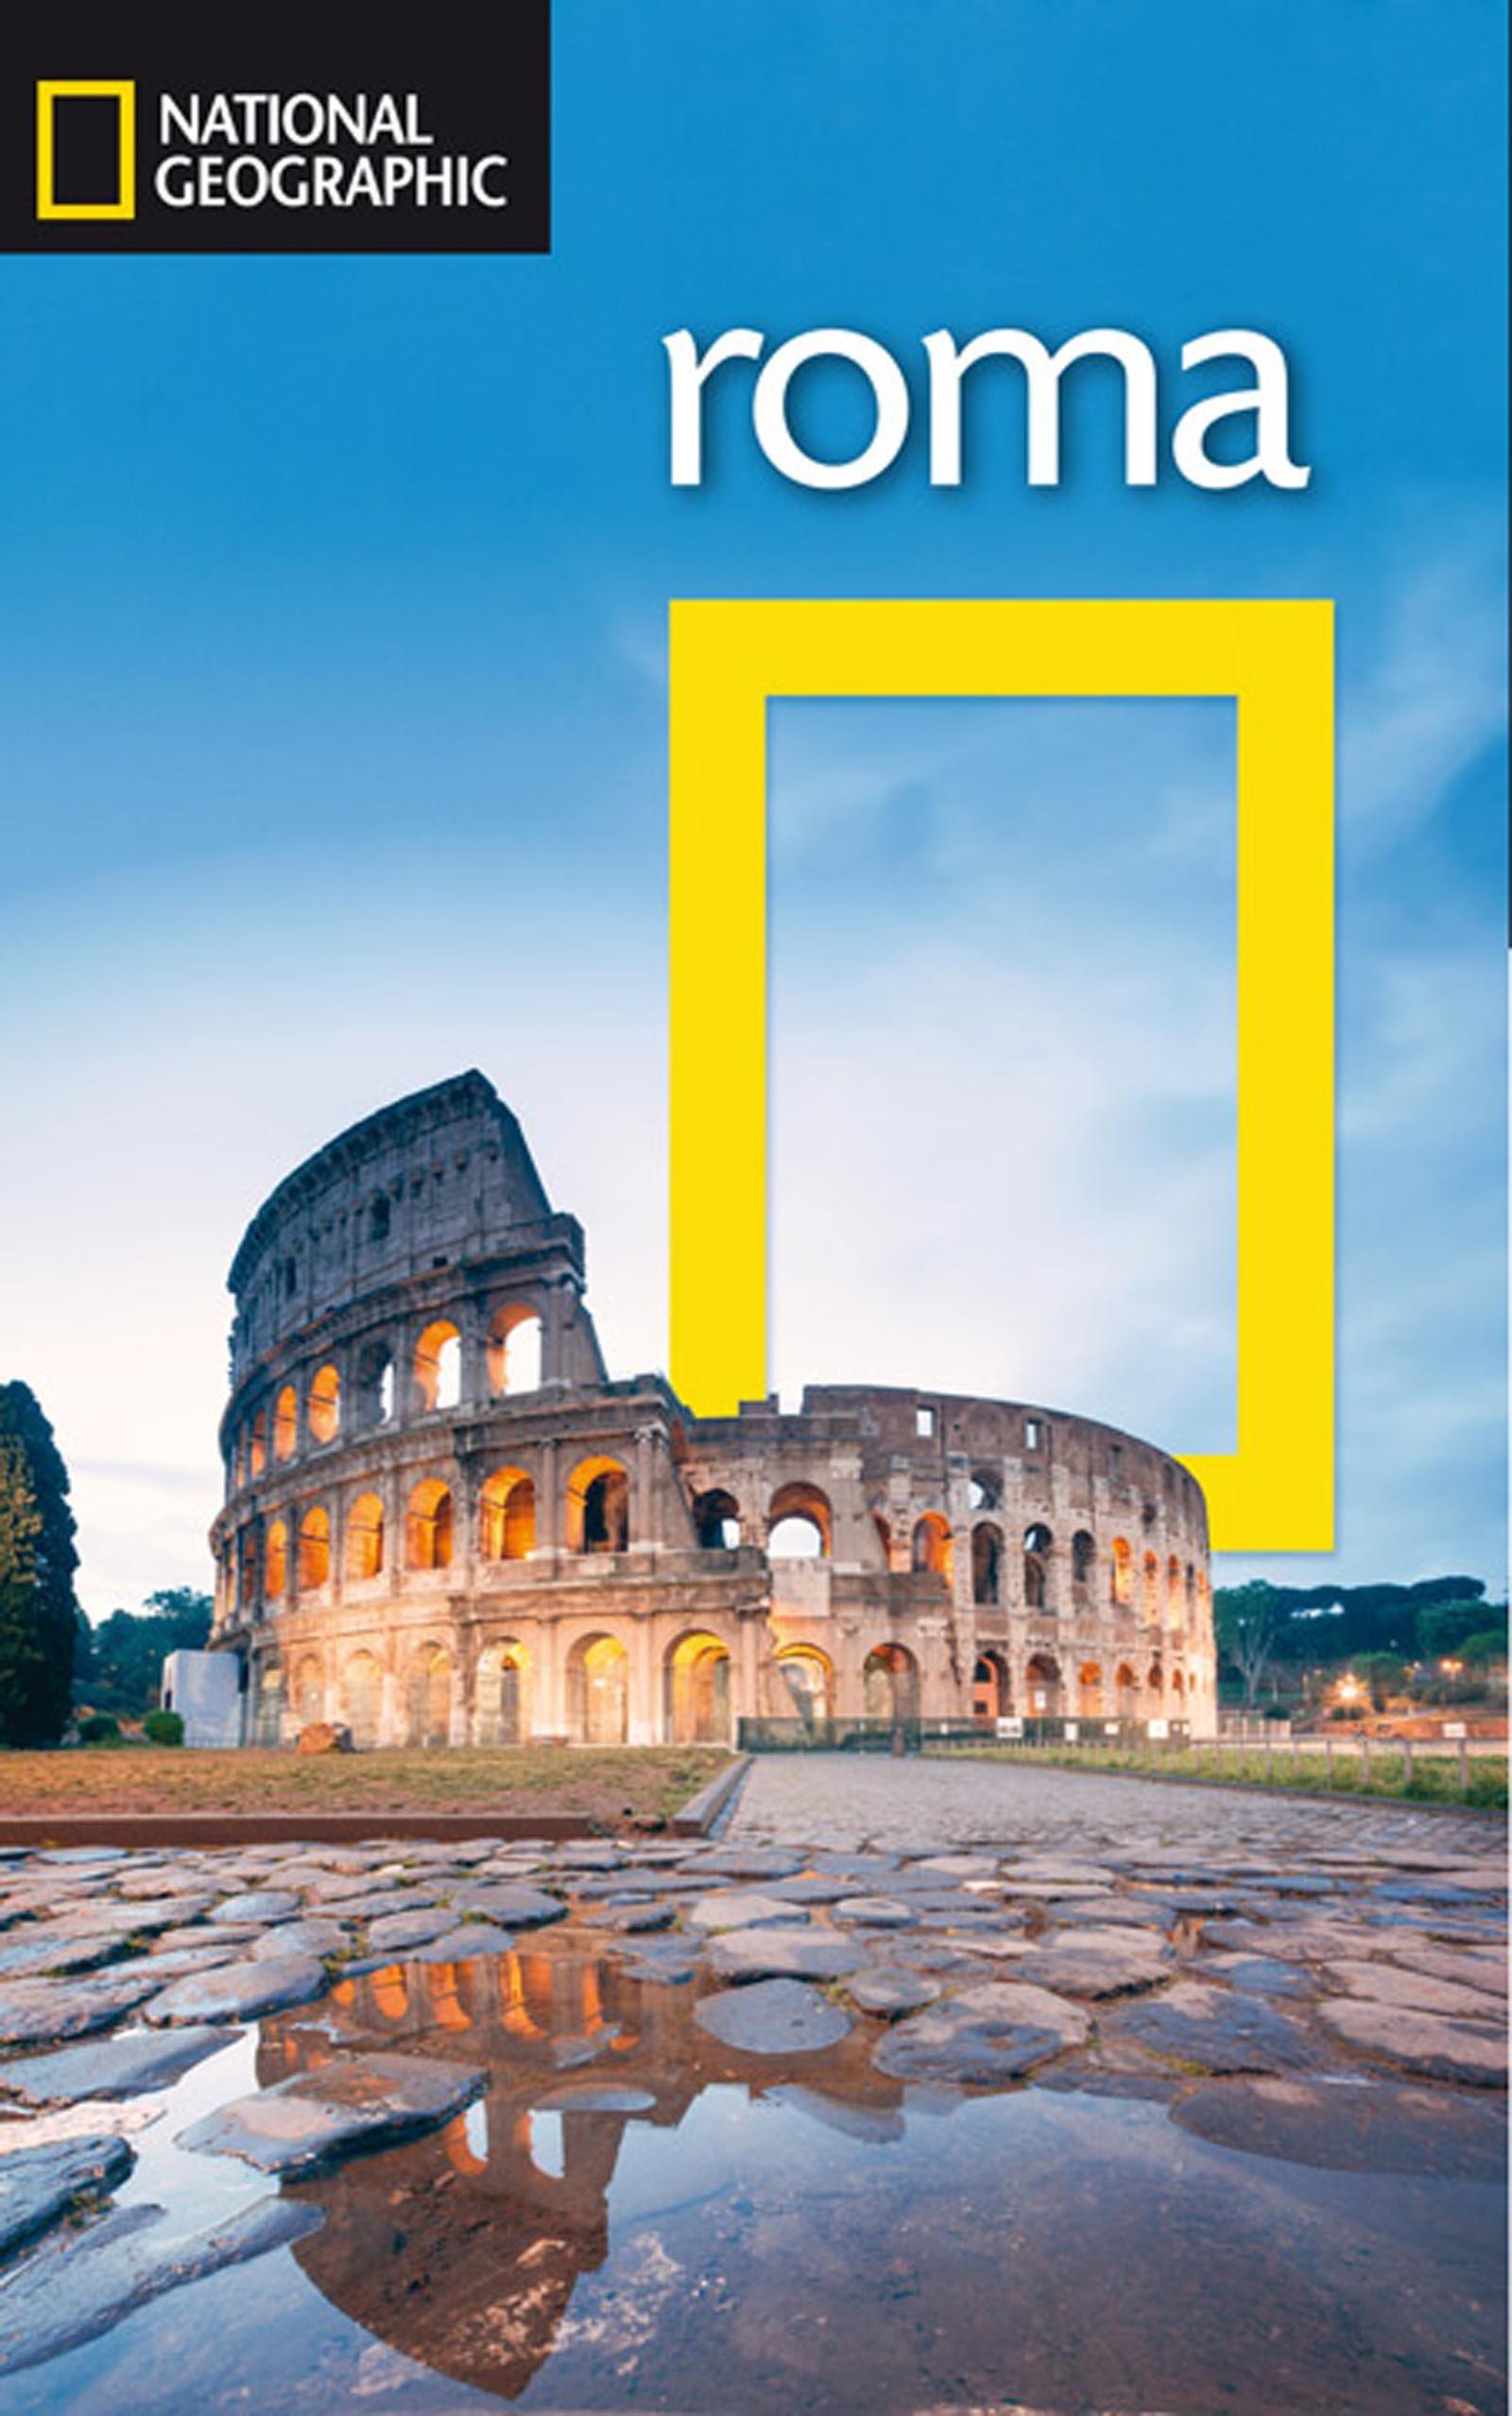 Guía de viaje National Geographic: Roma (GUÍAS): Amazon.es: GEOGRAPHIC, NATIONAL: Libros